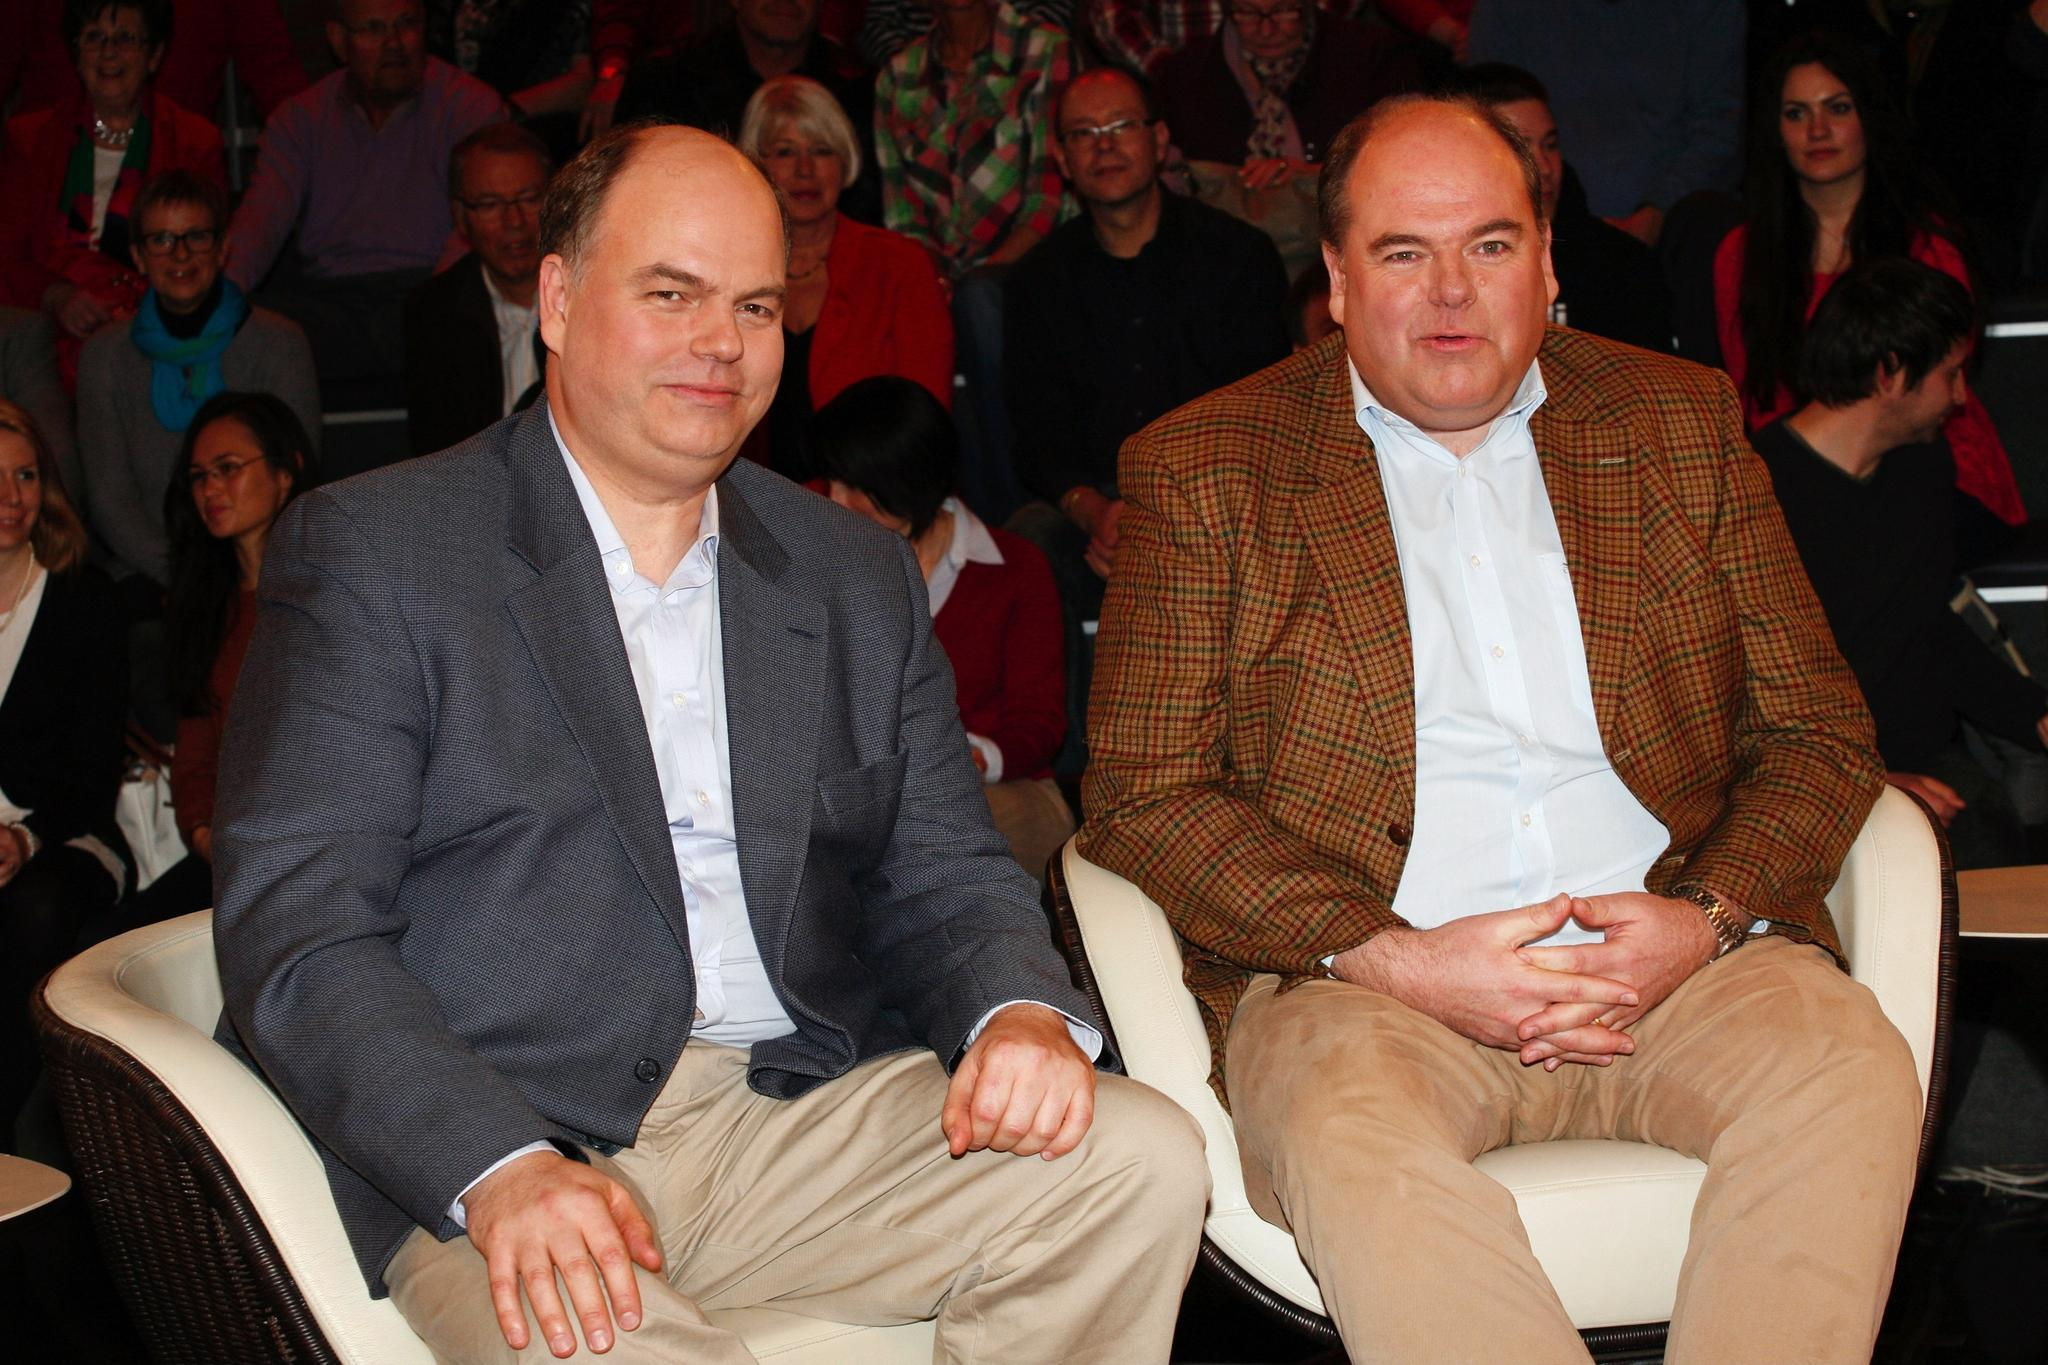 Peter Kohl (l.) und Walter Kohl, die Söhne des verstorbenen Alt-Bundeskanzlers Helmut Kohl